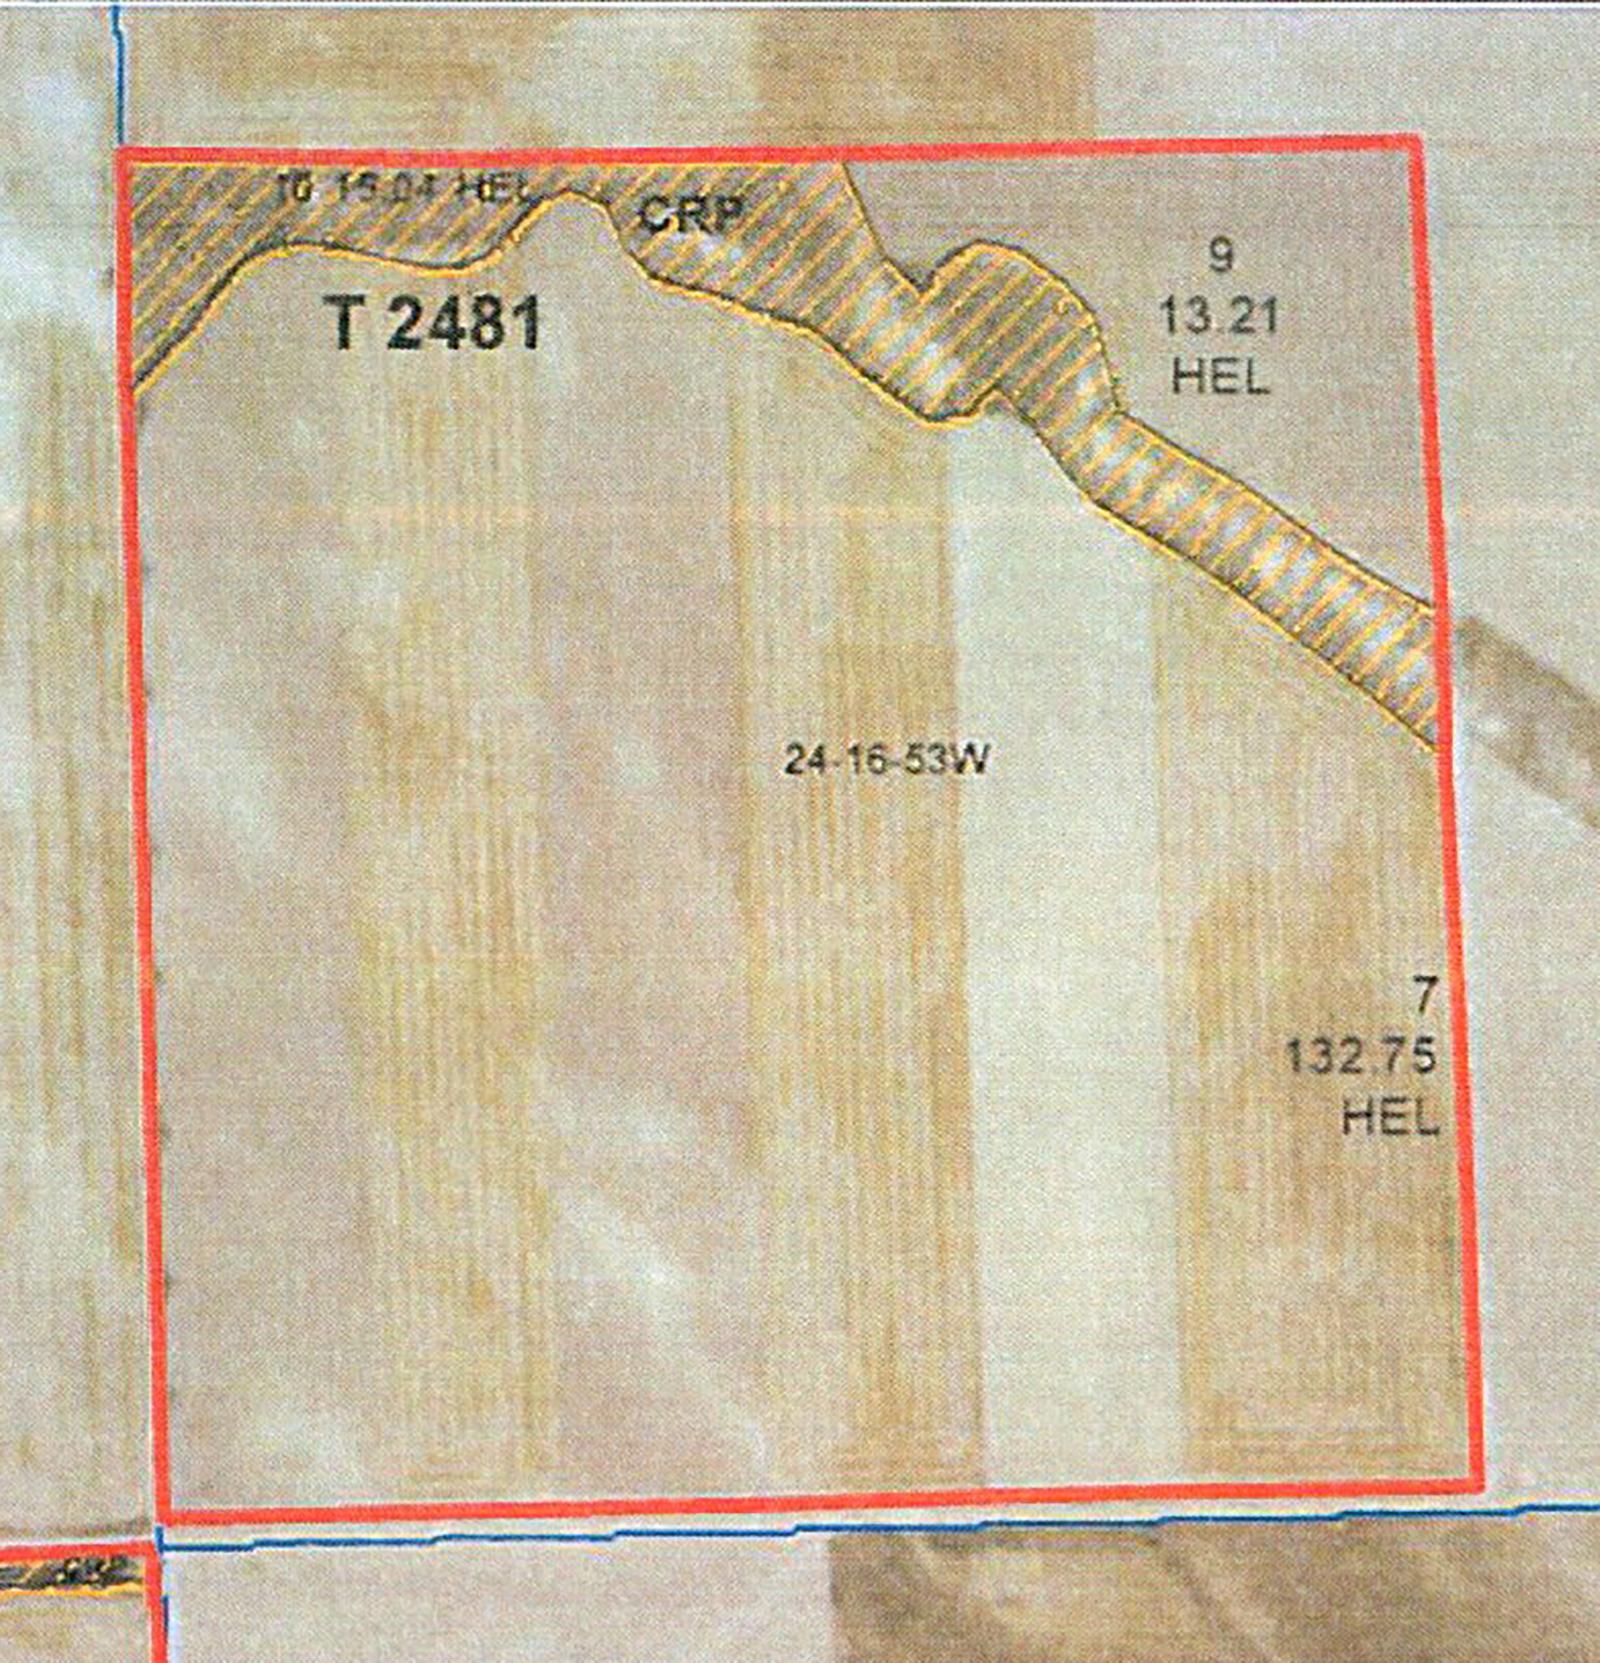 C-3 CRP Map